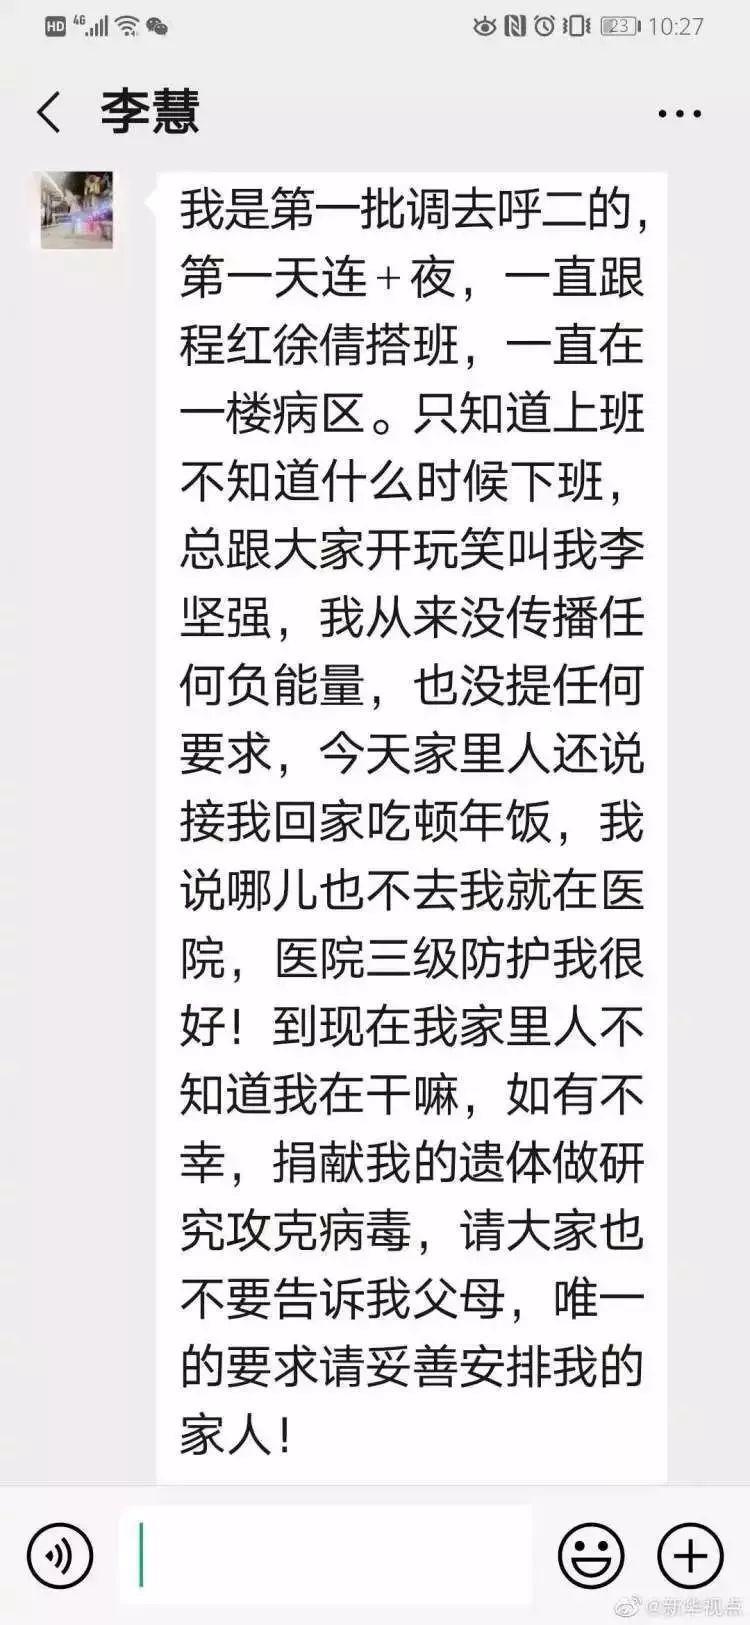 武汉封城第7天,钟南山哭了:这世上,哪有什么英雄!